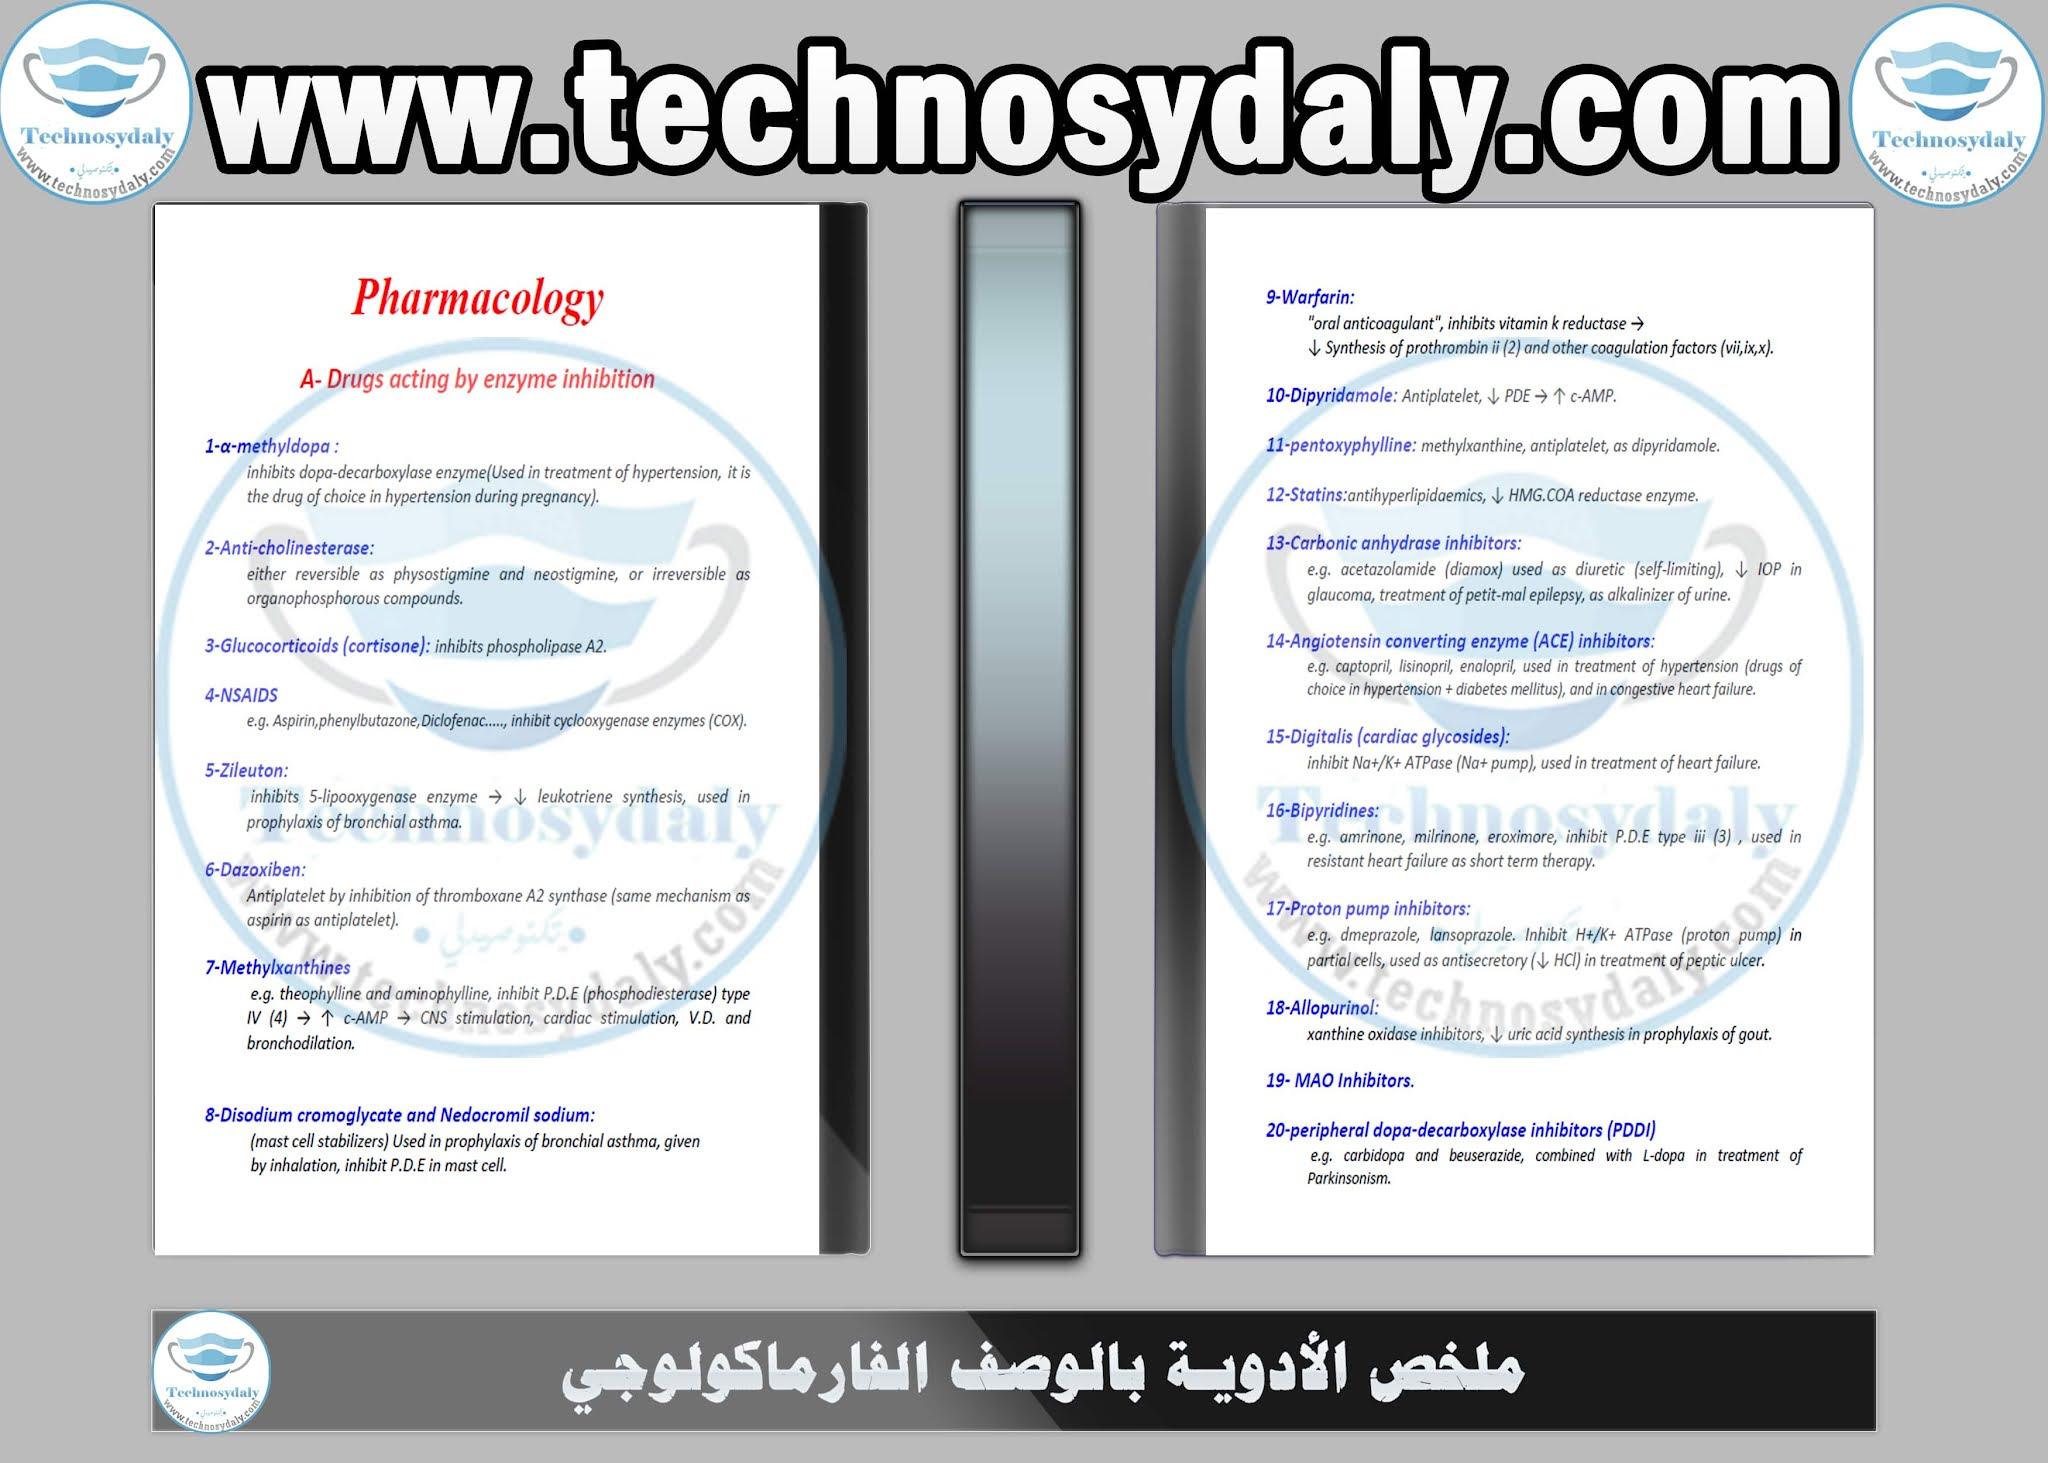 ملخص الأدوية بالوصف الفارماكولوجي drug with pharmacology effect pdf